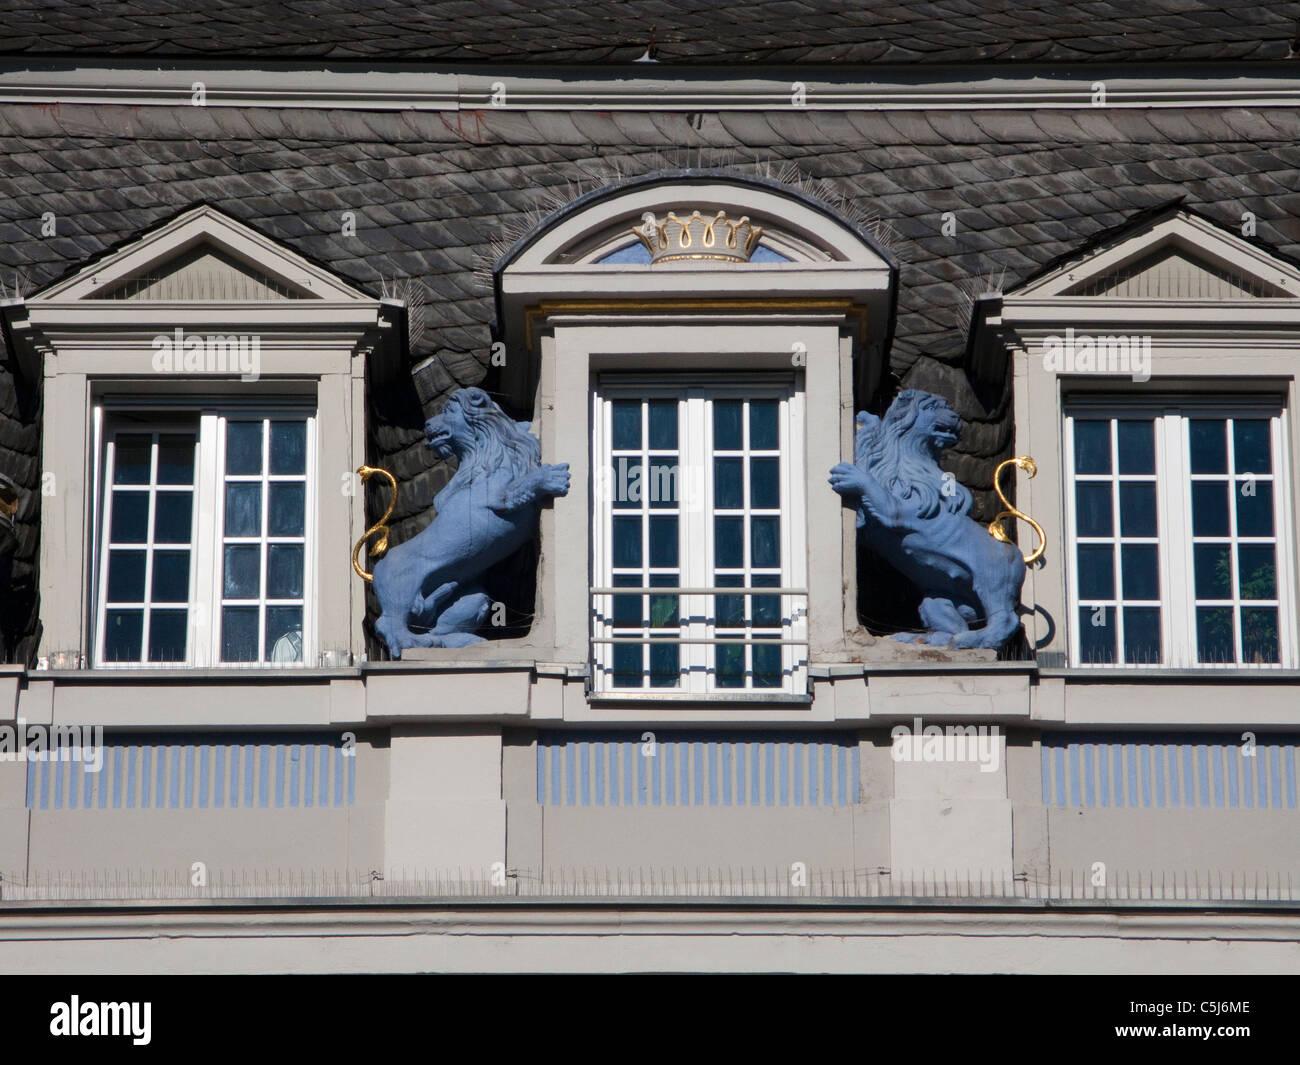 Blaue Loewen zieren ein Mansardenfenster, Haus am Hauptmarkt, Two blue lions, sculptures, decorates a window, main - Stock Image